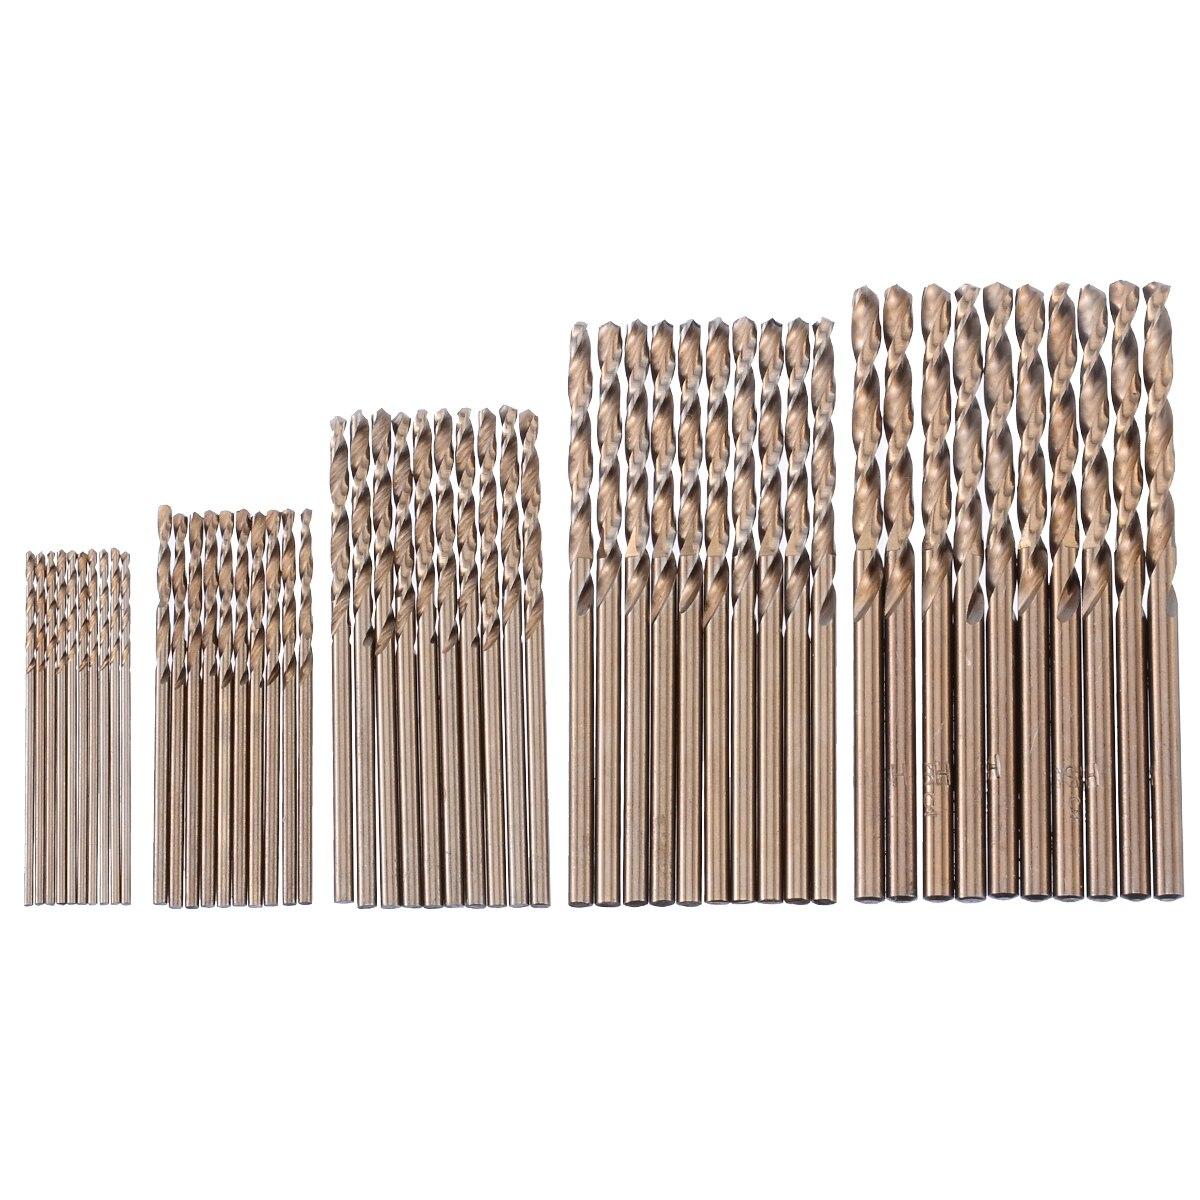 Fixmee 50pc/lot  1mm/1.5mm/2mm/2.5mm/3mm  High Speed Steel HSS-Co 5% M35 Cobalt Drill Bit Tool Set